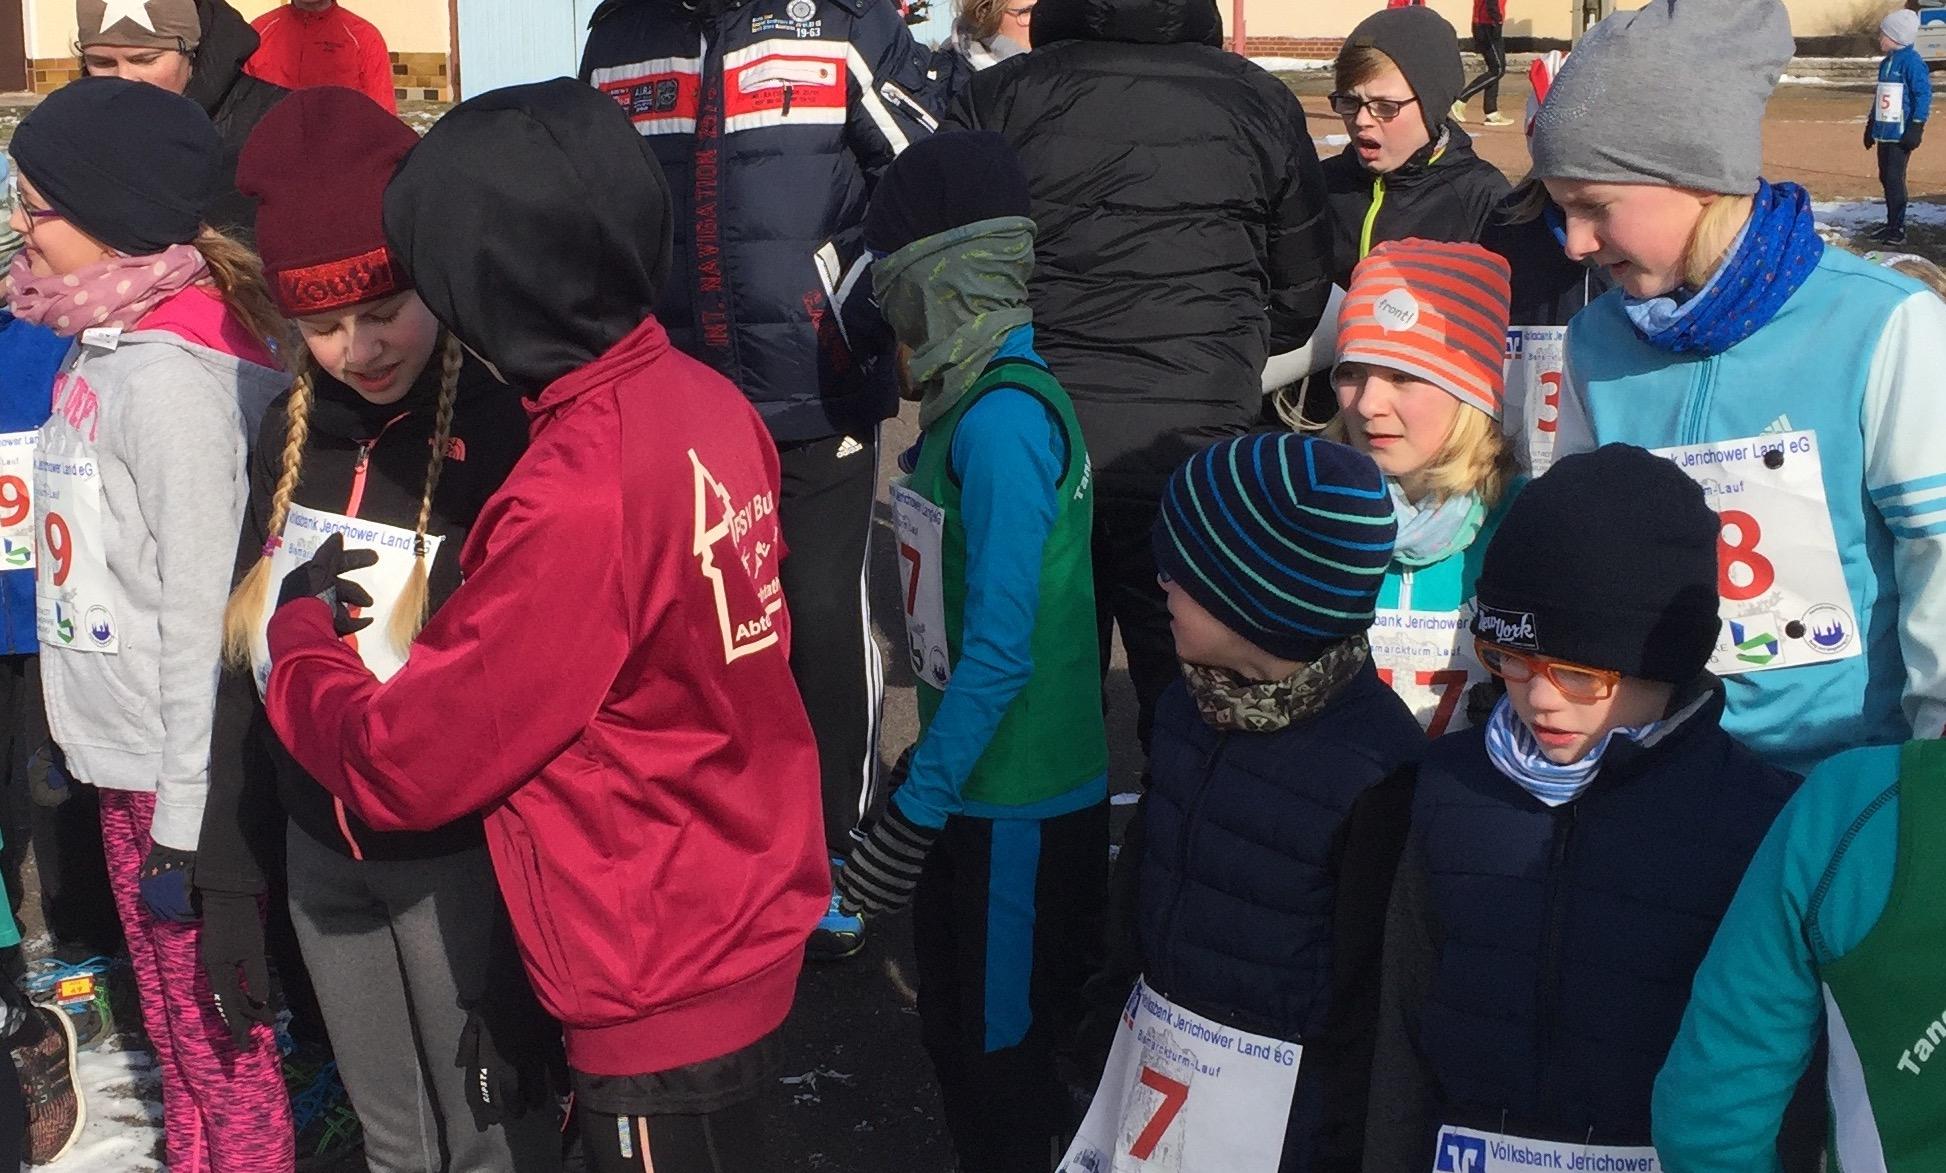 Winterlaufserie: Andreas Stertz schafft 16.000 Meter pro Stunde